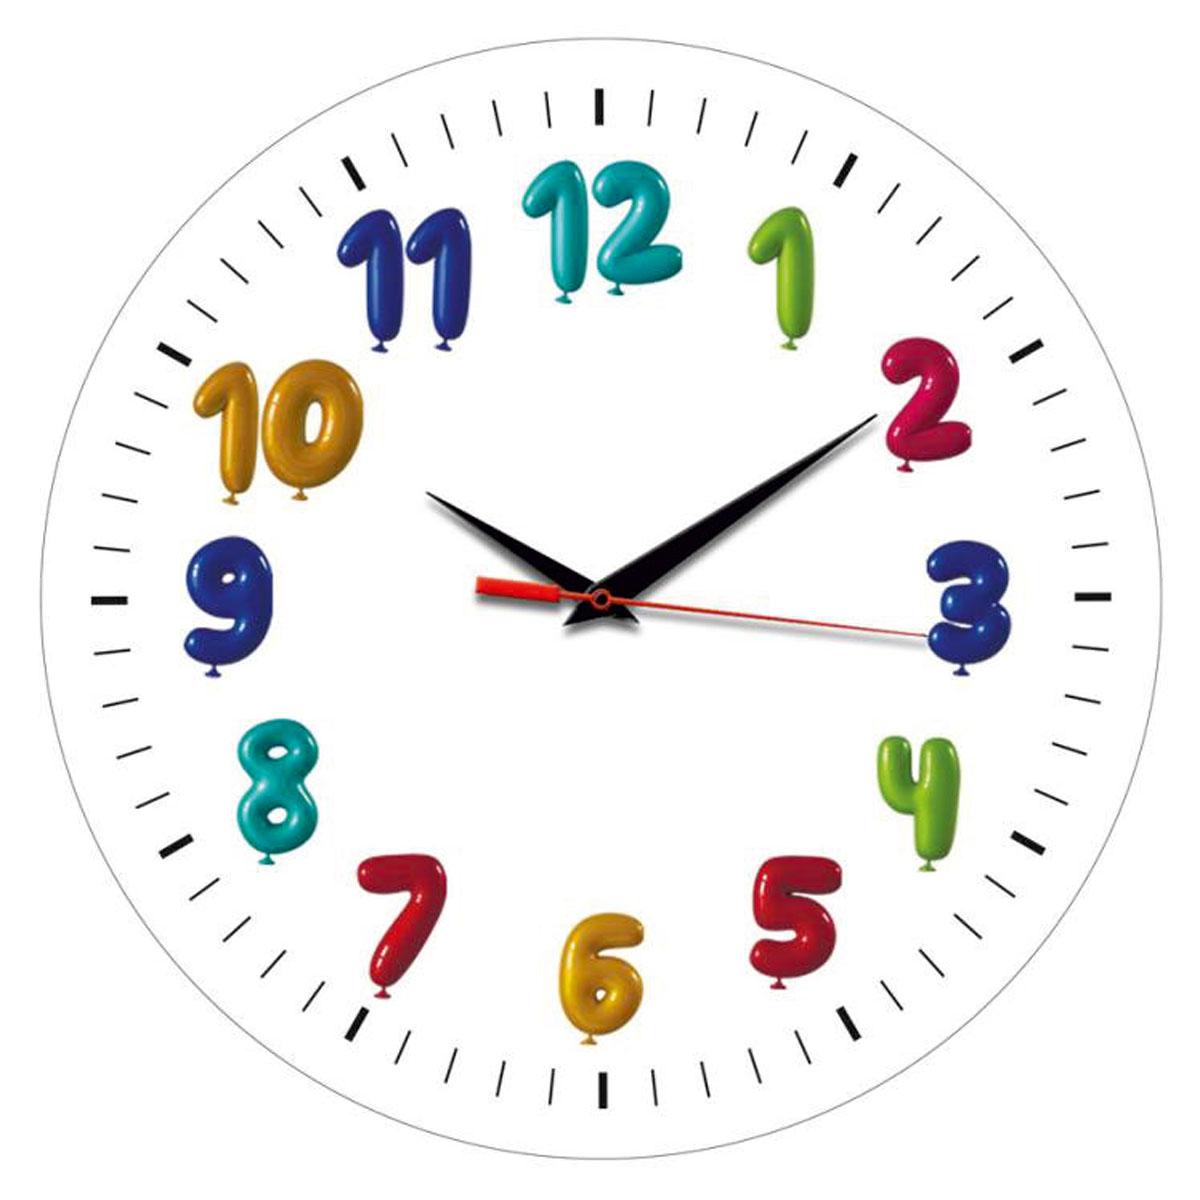 Часы настенные Miolla ДетиСК011 2443Оригинальные настенные часы круглой формы Miolla Дети выполнены из закаленного стекла. Часы имеют три стрелки - часовую, минутную и секундную. Необычное дизайнерское решение и качество исполнения придутся по вкусу каждому.Оформите свой дом таким интерьерным аксессуаром или преподнесите его в качестве презента друзьям, и они оценят ваш оригинальный вкус и неординарность подарка. Часы работают от 1 батарейки типа АА напряжением 1,5 В.Диаметр часов: 28 см.